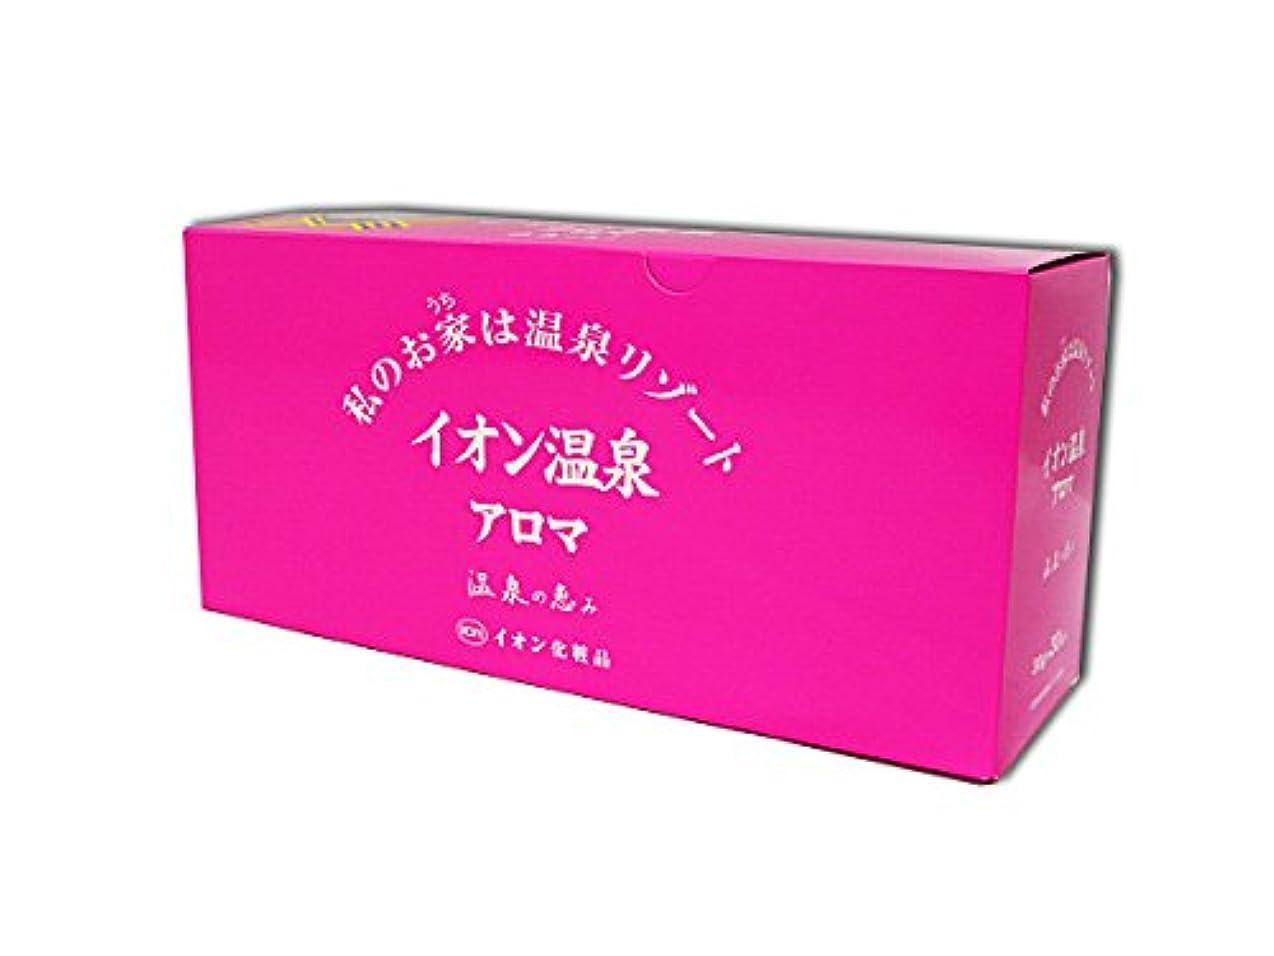 放射性どうやら週間イオン化粧品 イオン温泉アロマ 30包入